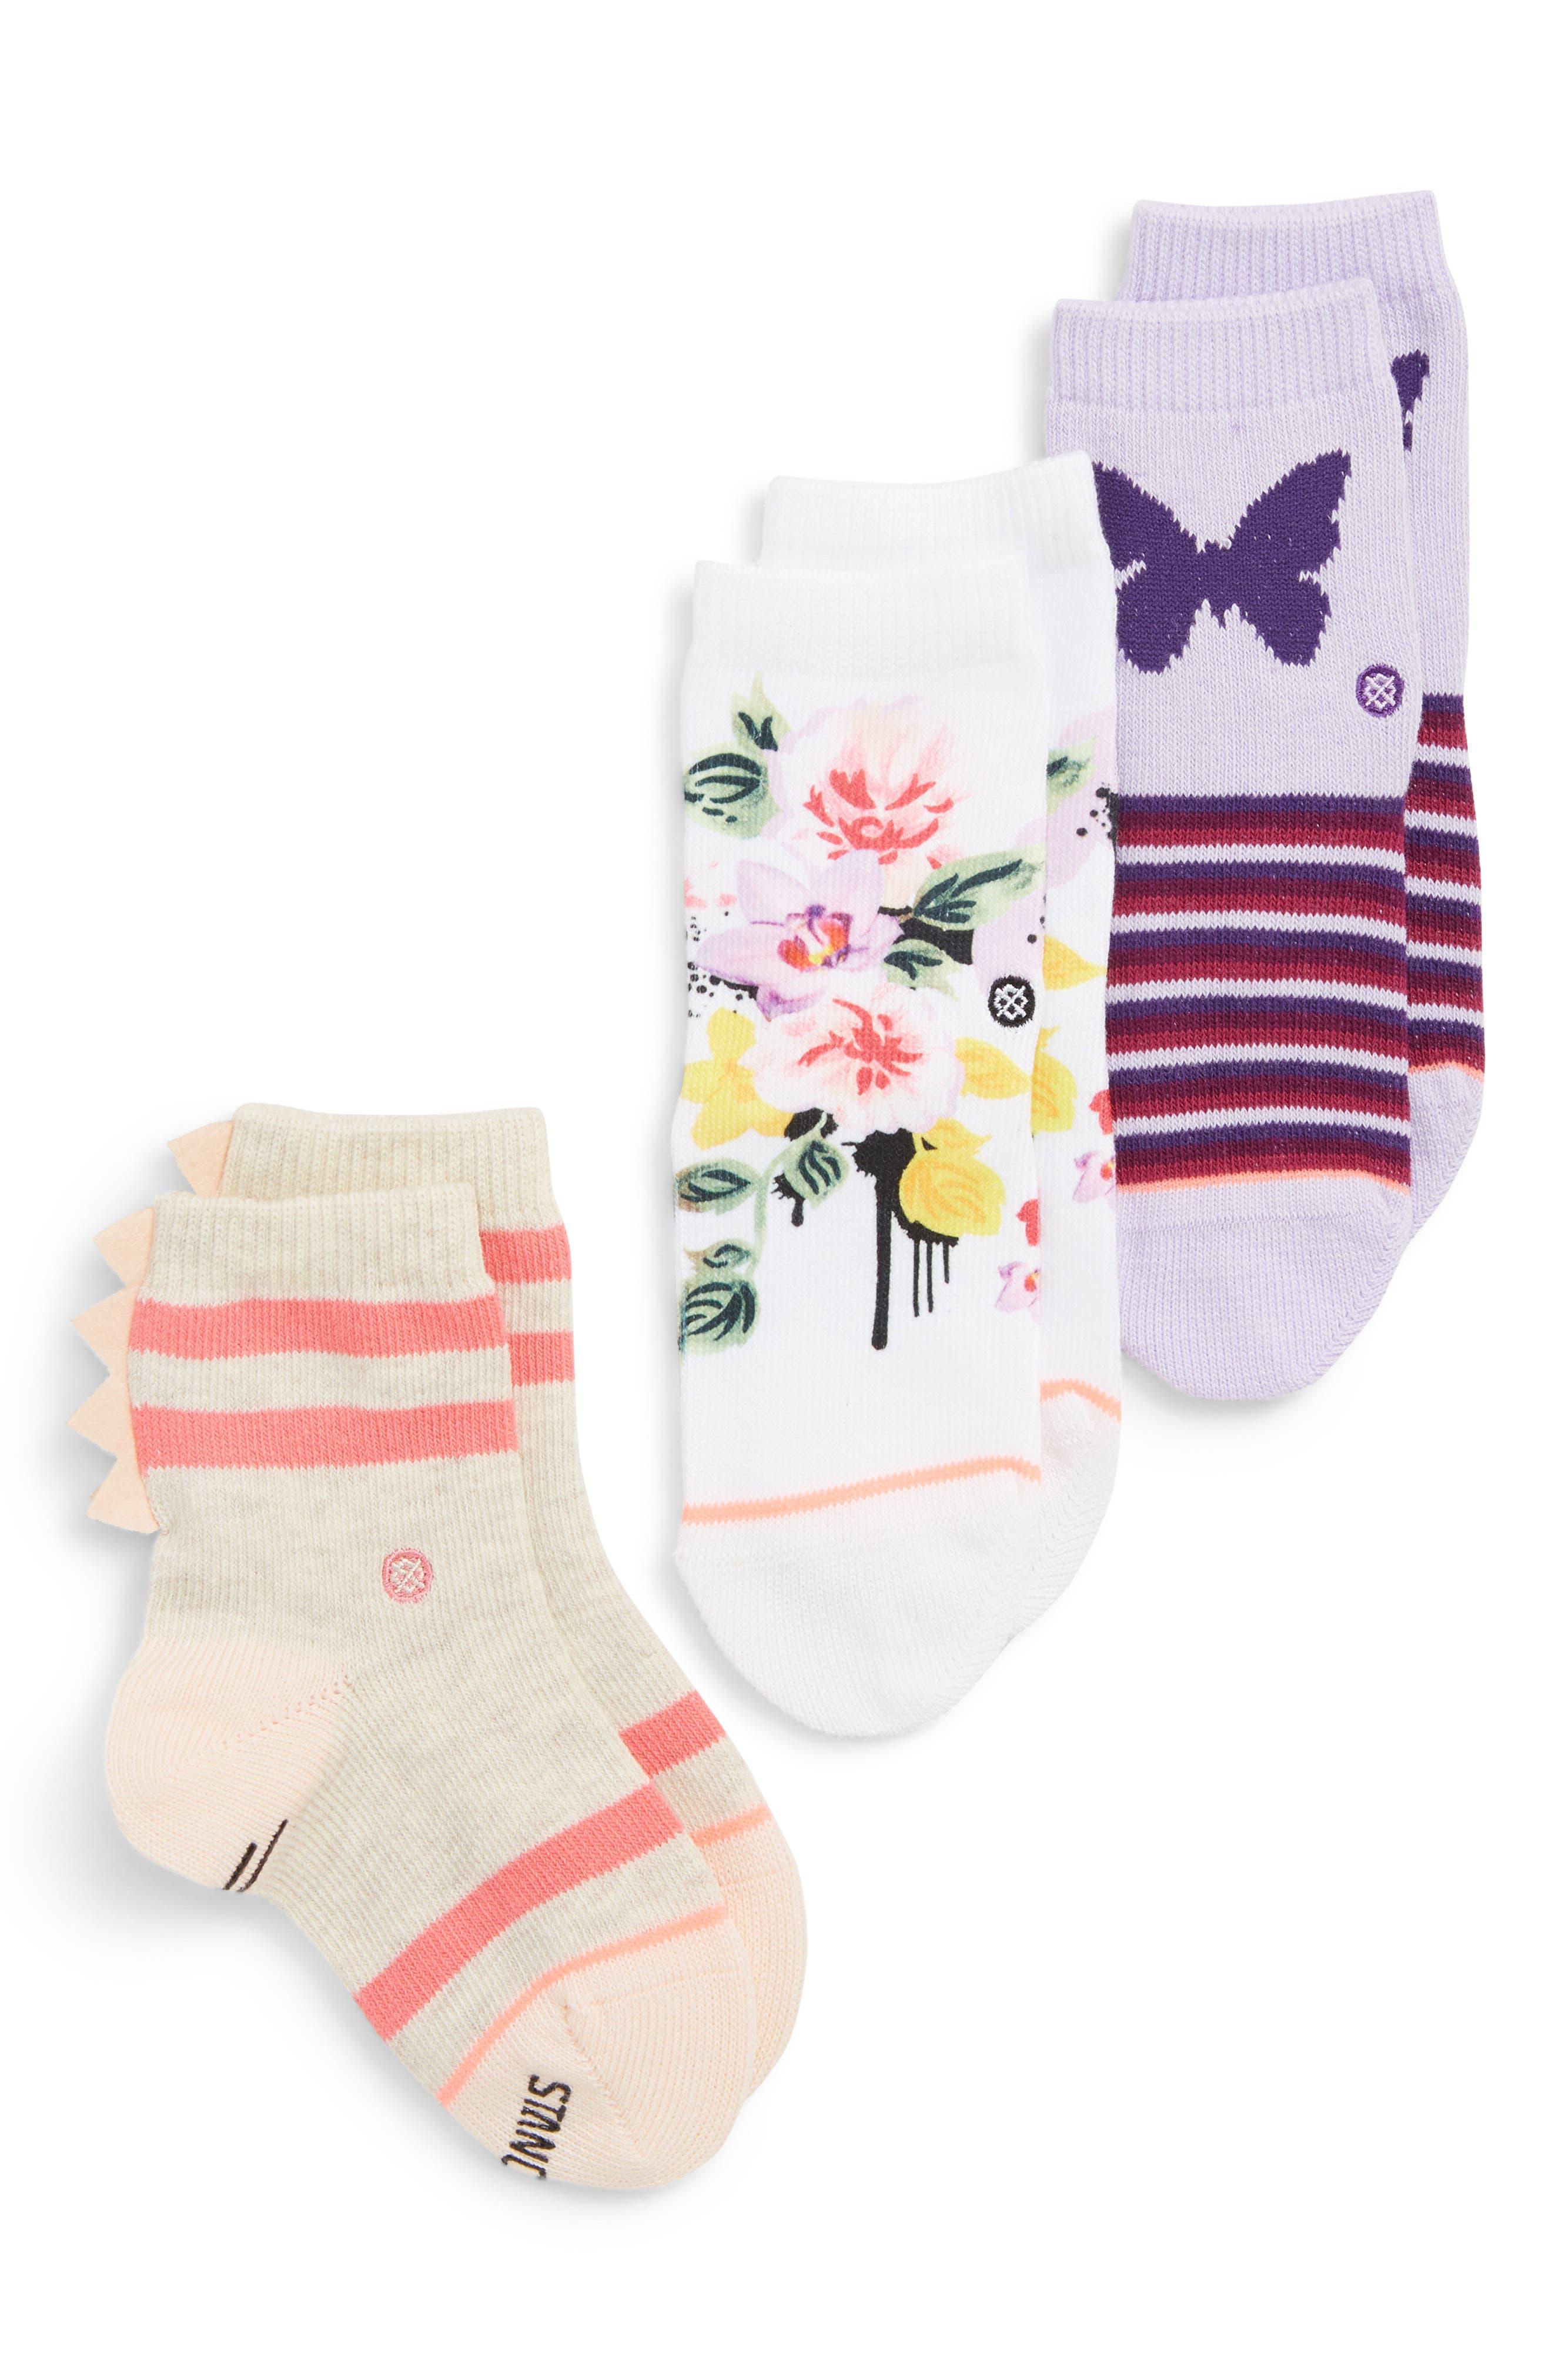 Just Dandy 3-Pack Crew Socks,                             Main thumbnail 1, color,                             PURPLE MULTI